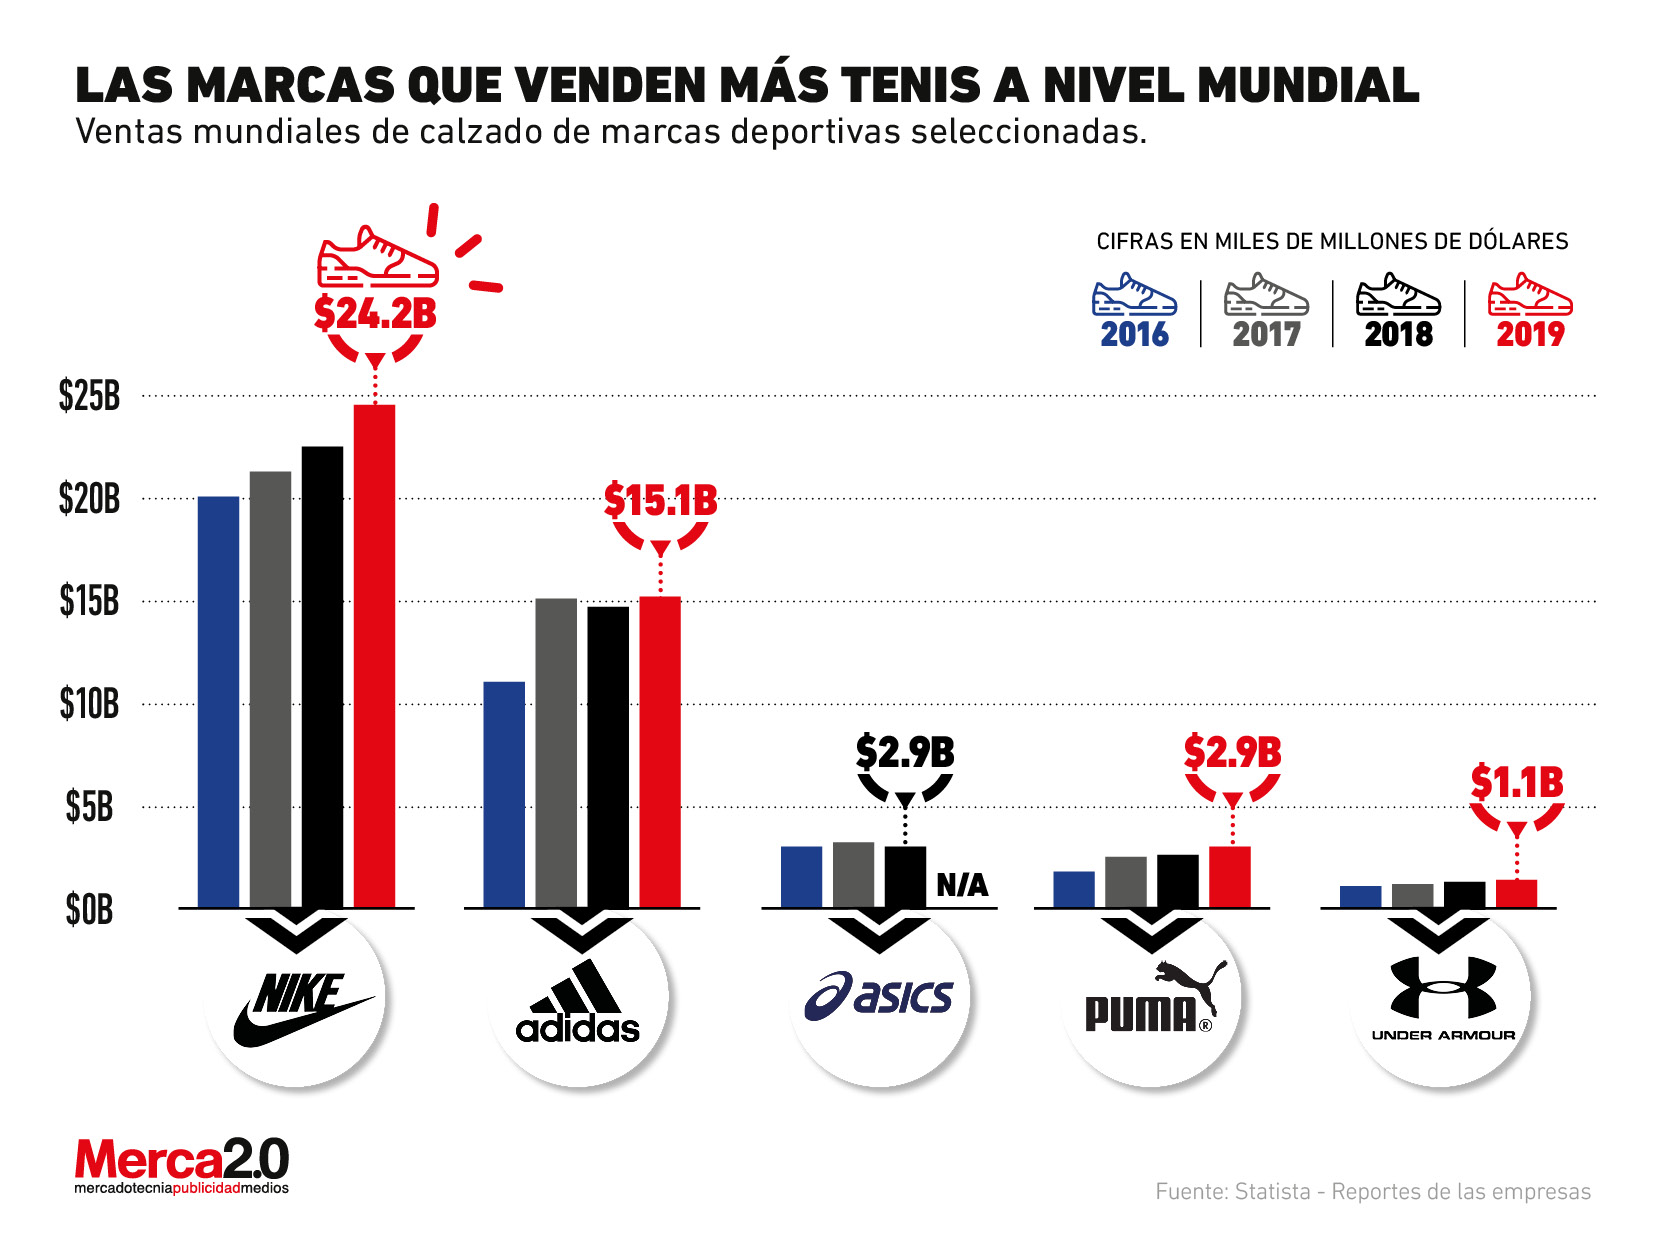 Las marcas de calzado deportivo que dominan